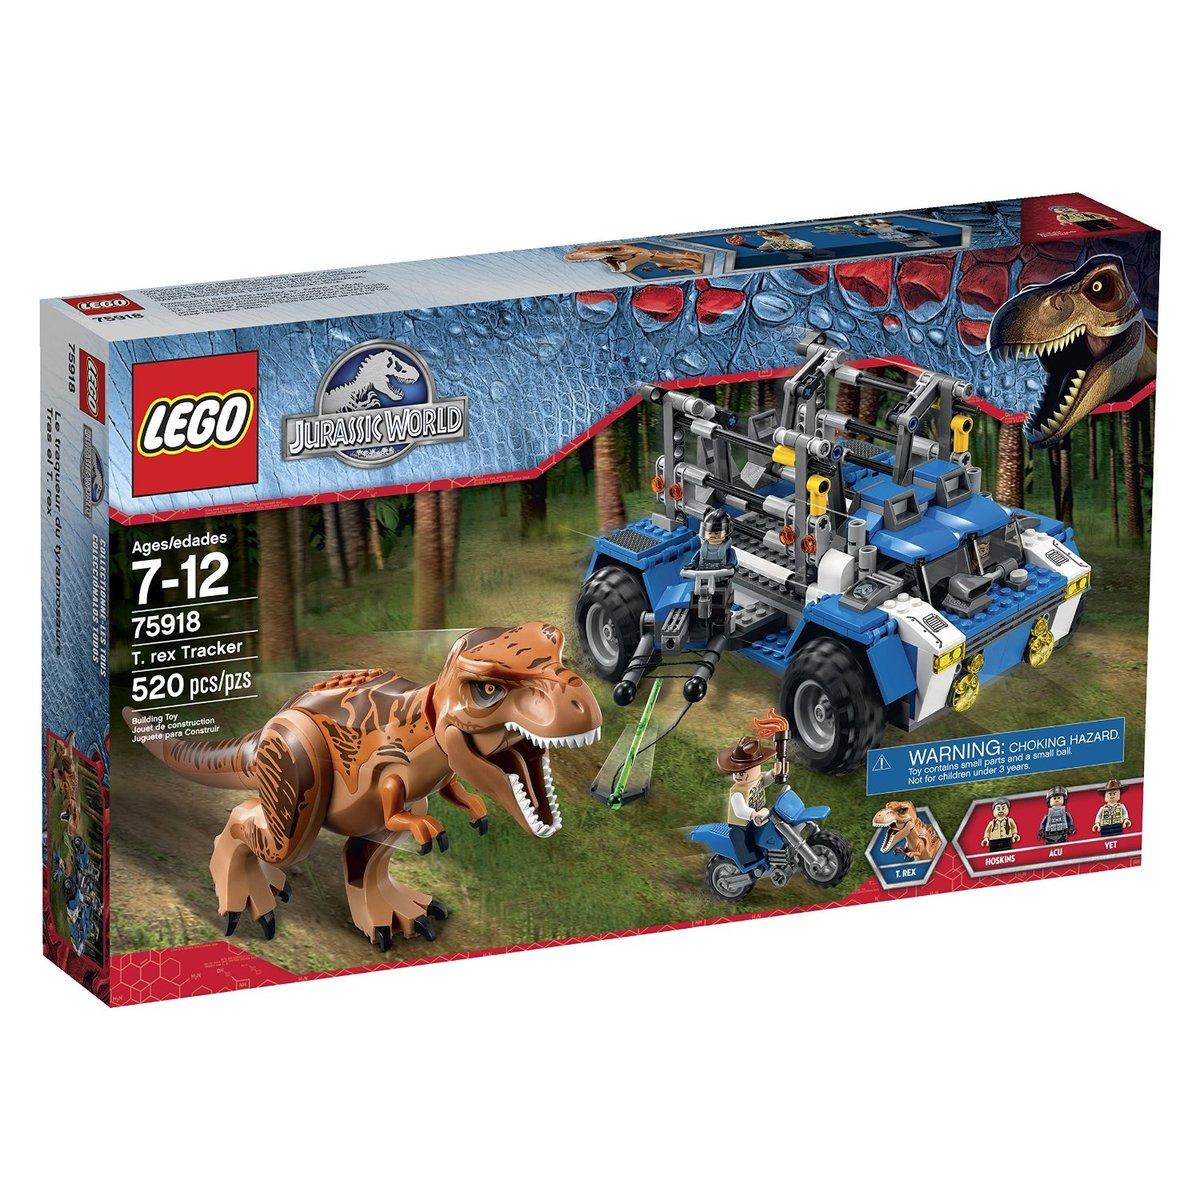 Jurassic World 75918 T. Rex Tracker